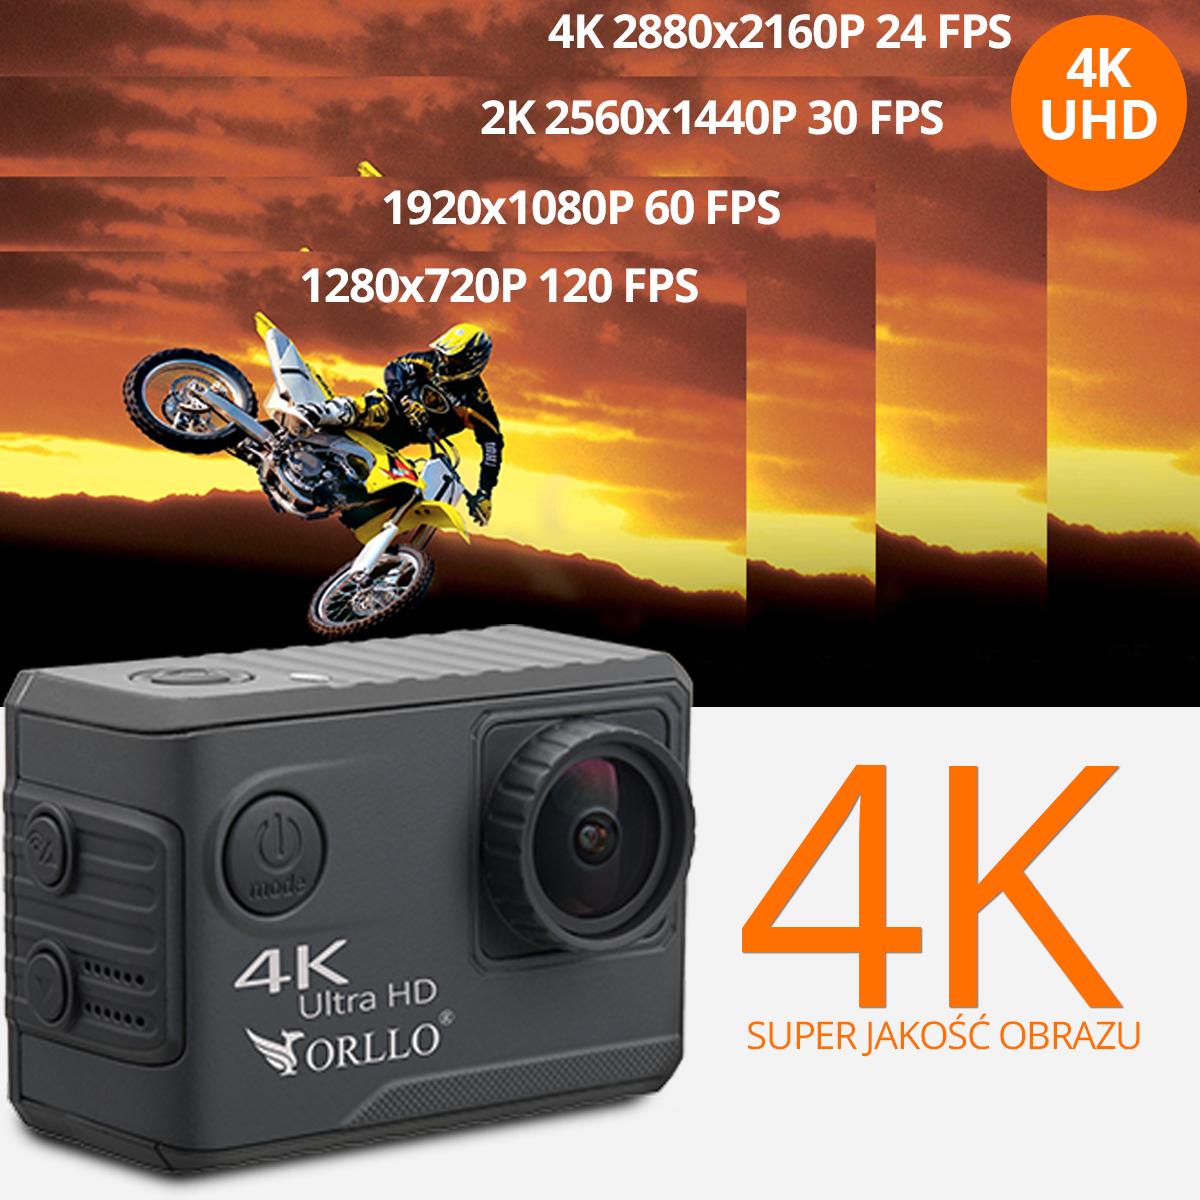 kamera-sportowa-rozdzielczosc-4k-uhd-orllo-pl